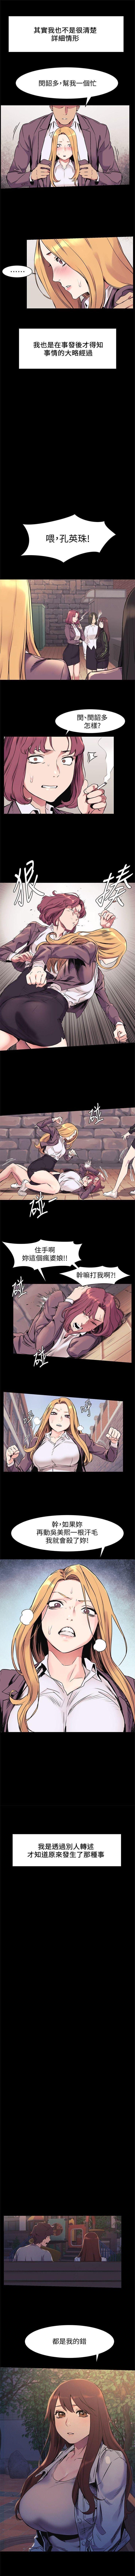 (週5)衝突 1-94 中文翻譯 (更新中) 268